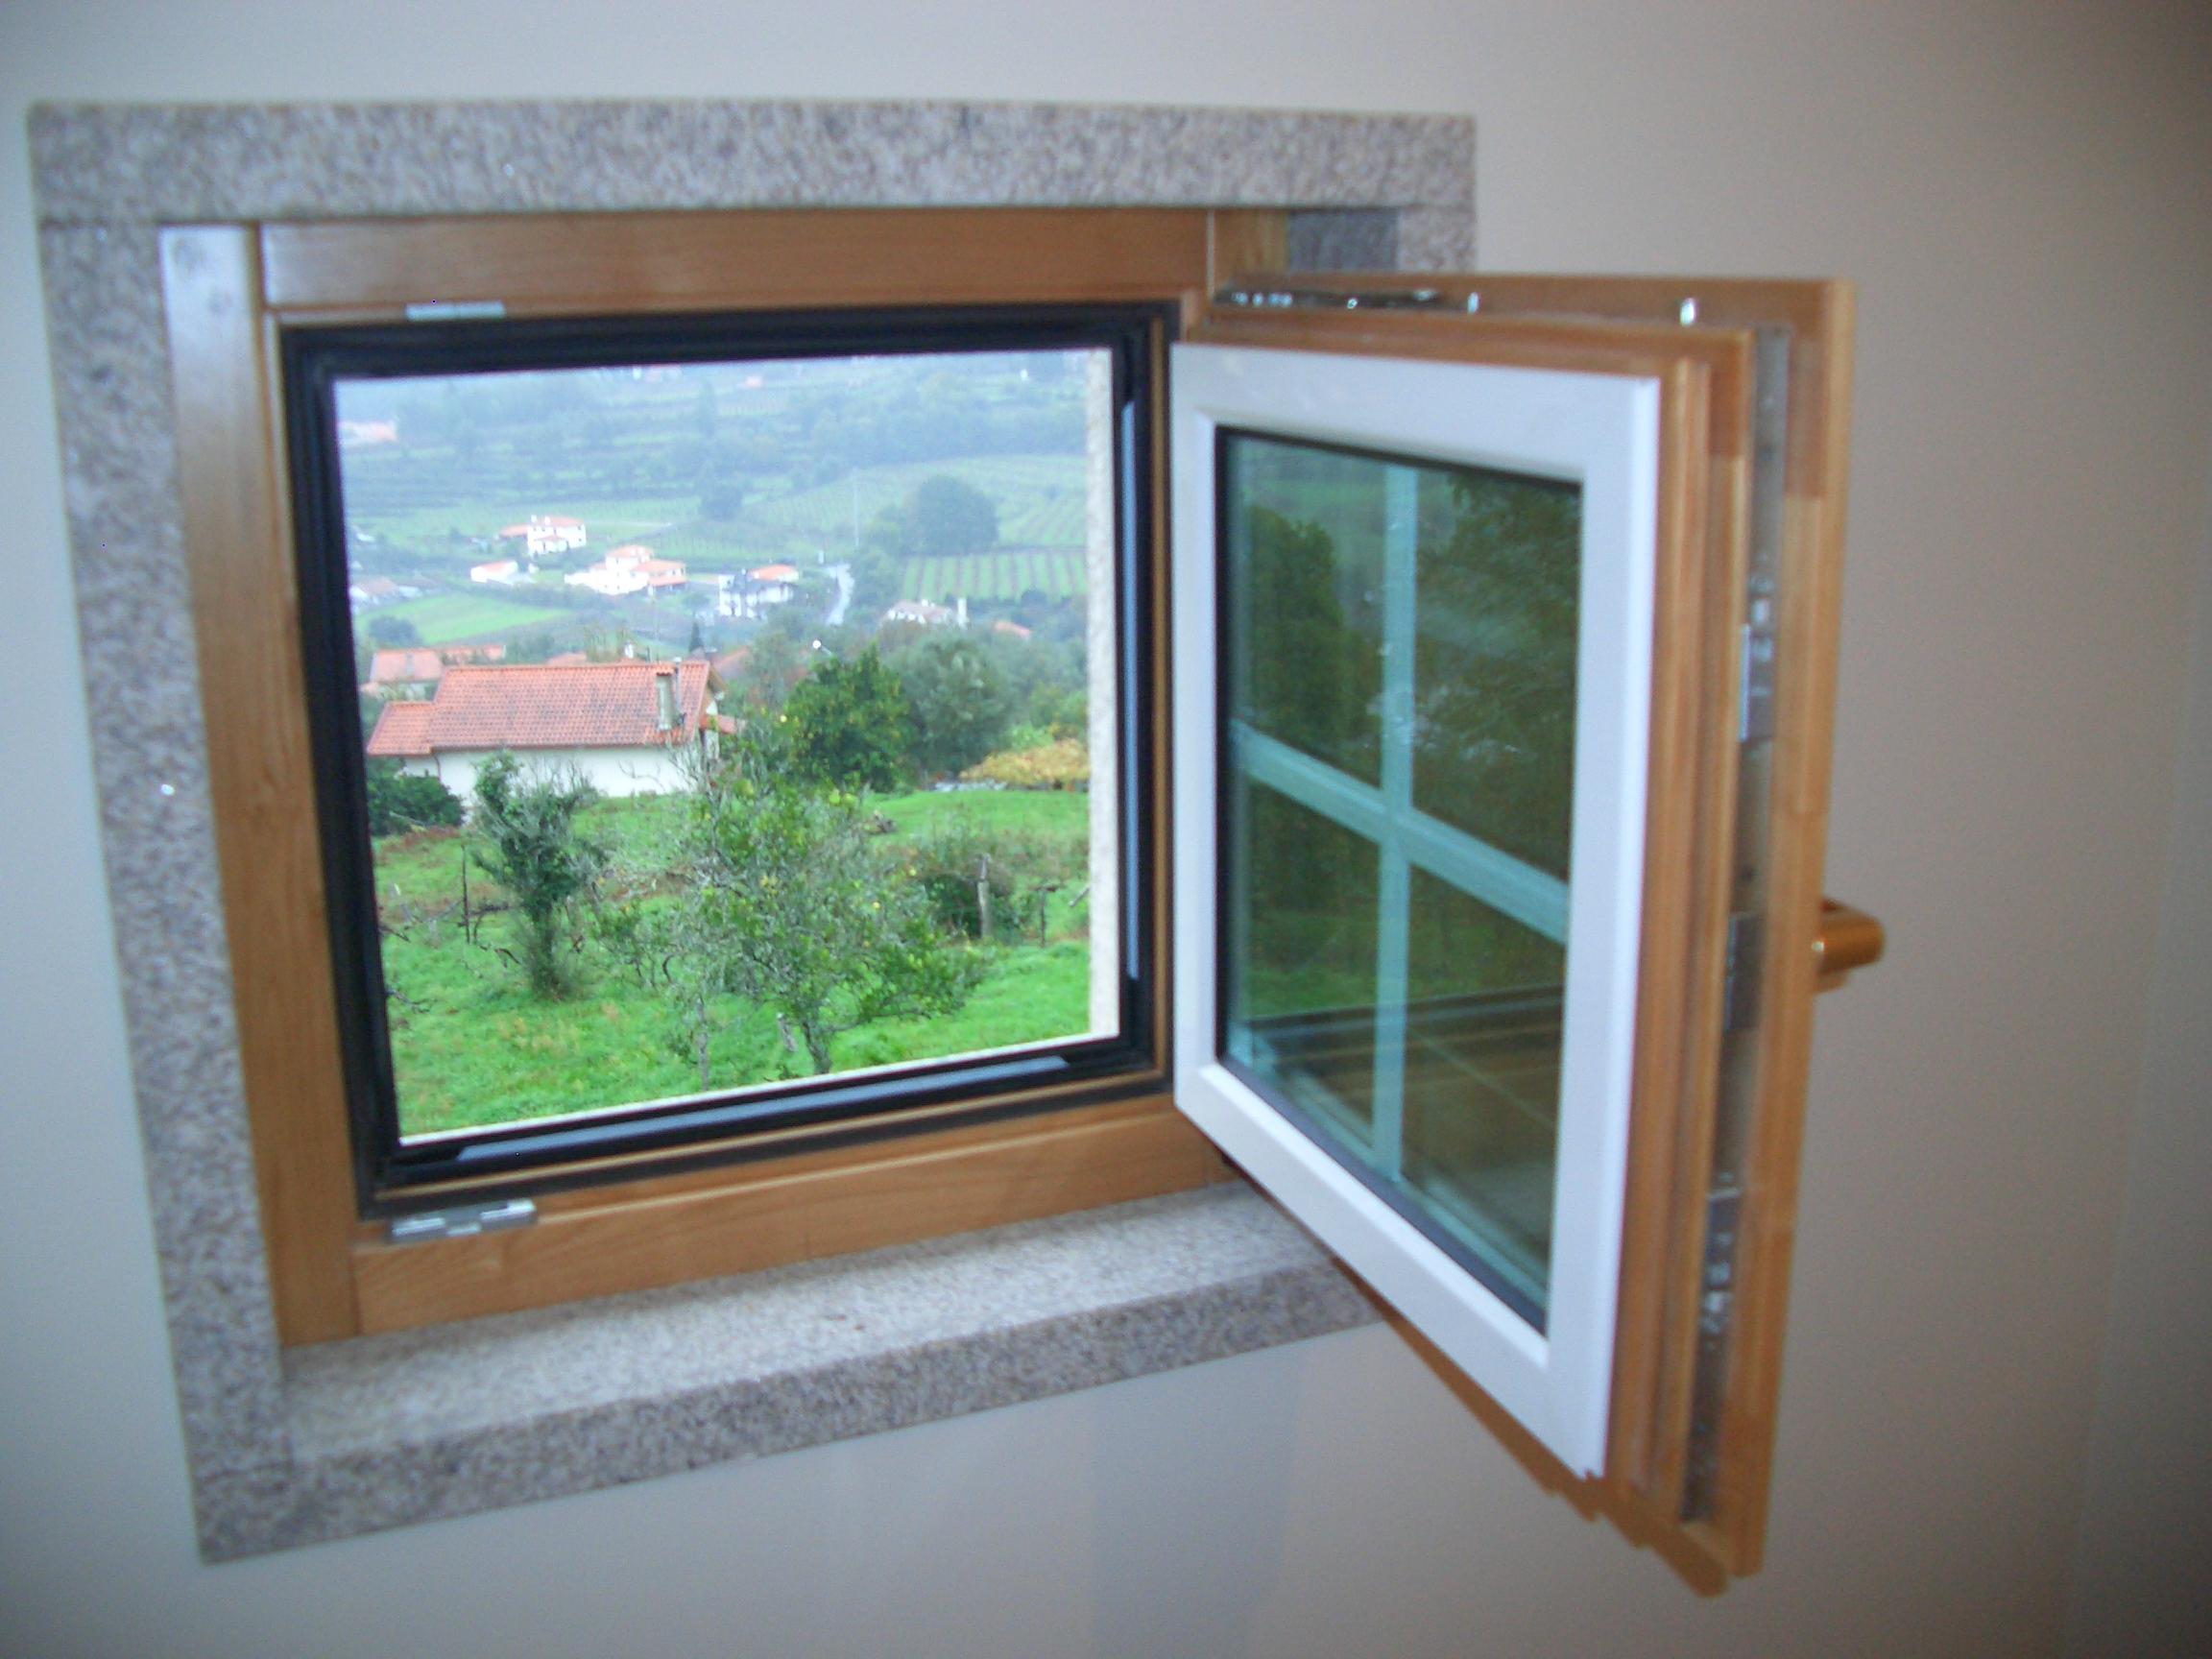 #448744 MADEIRA ALUMNIO janela madeira alumnio c/ portadas interiores janela  594 Janelas Em Madeira Rj